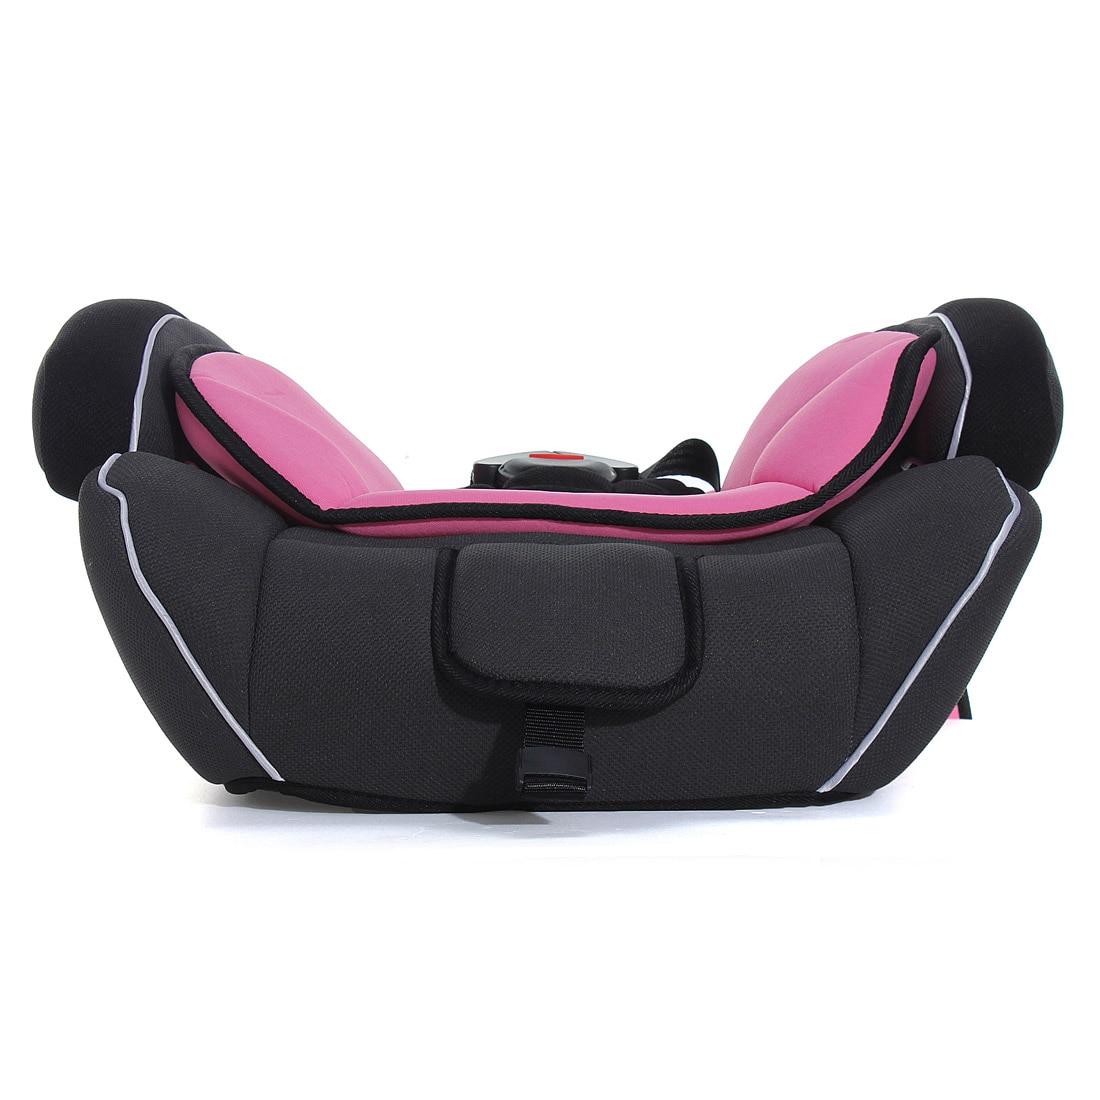 Автомобиль Детские сиденья на взрослый стул Кабриолет Детские автокресла и усилитель для 9-36 кг ребенка светло-розовый черный